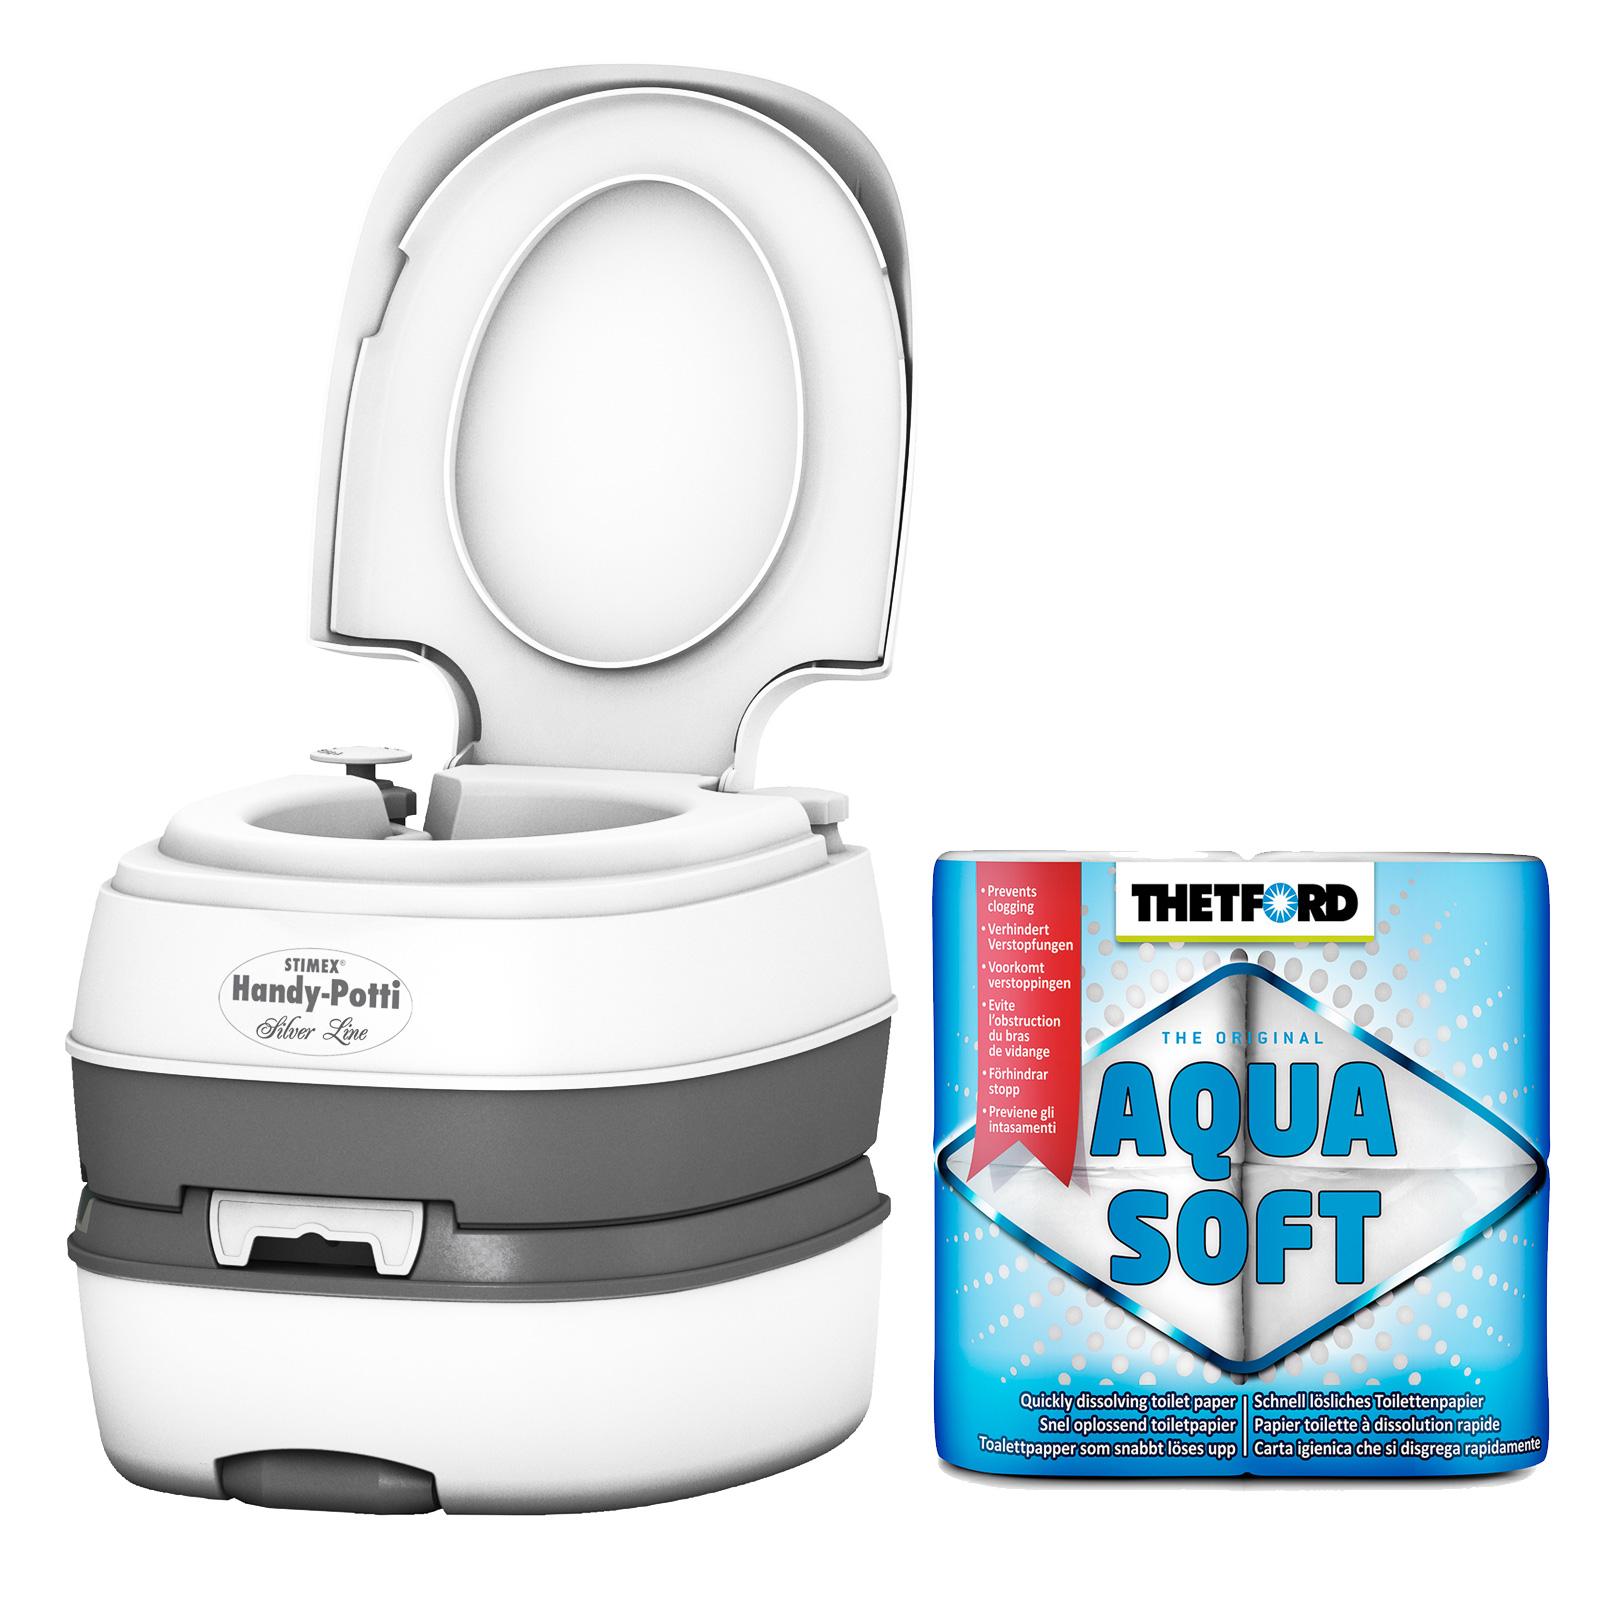 STIMEX Campingtoilette, Kunststoff, Kolbenpumpe, 3,8 kg, weiß inkl. Aqua Soft